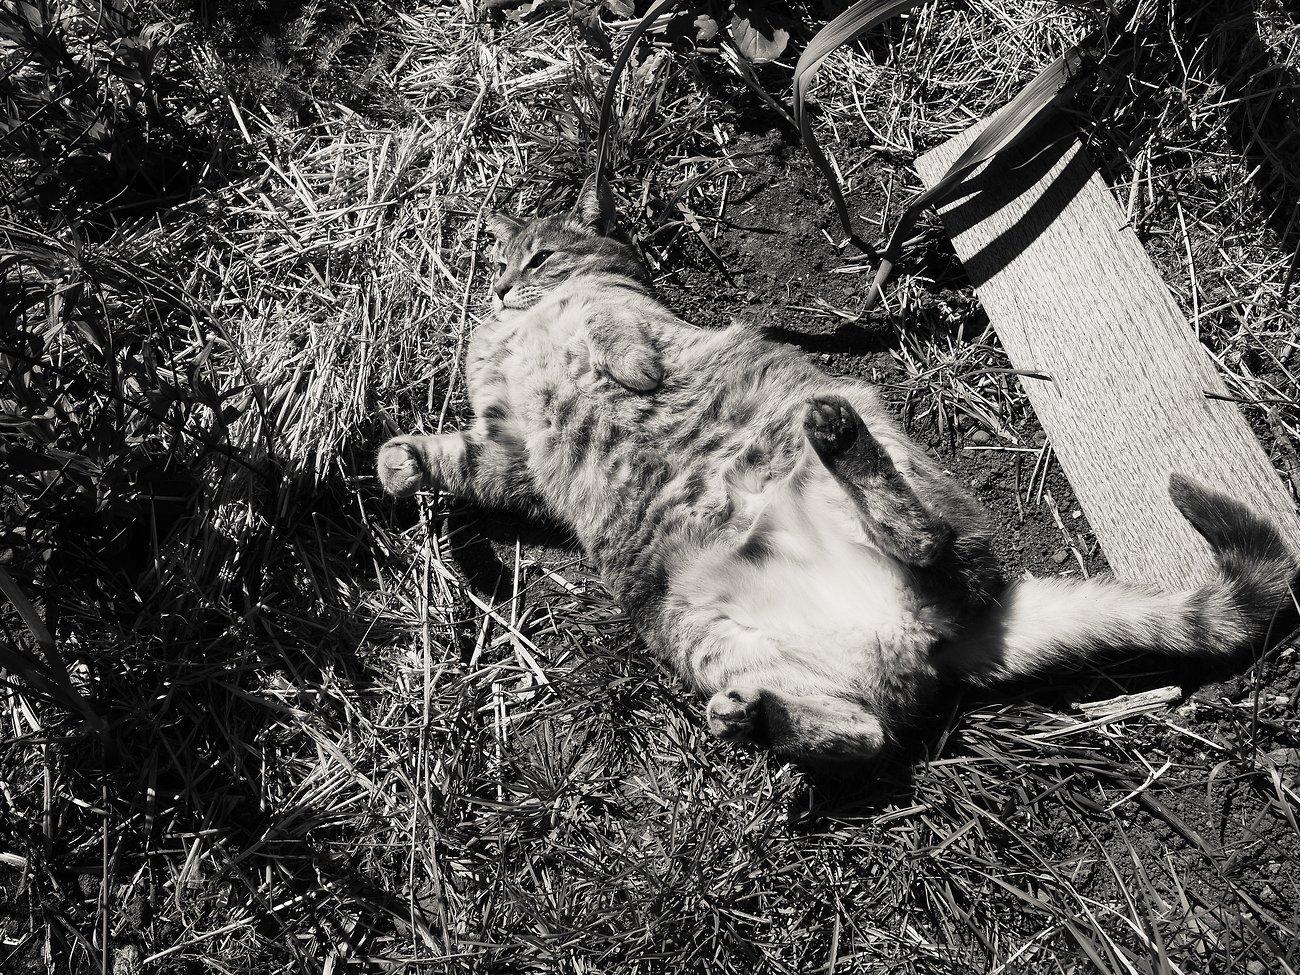 PenF_Day12_Easter_Cat#1 (KodakchrMem).jpg